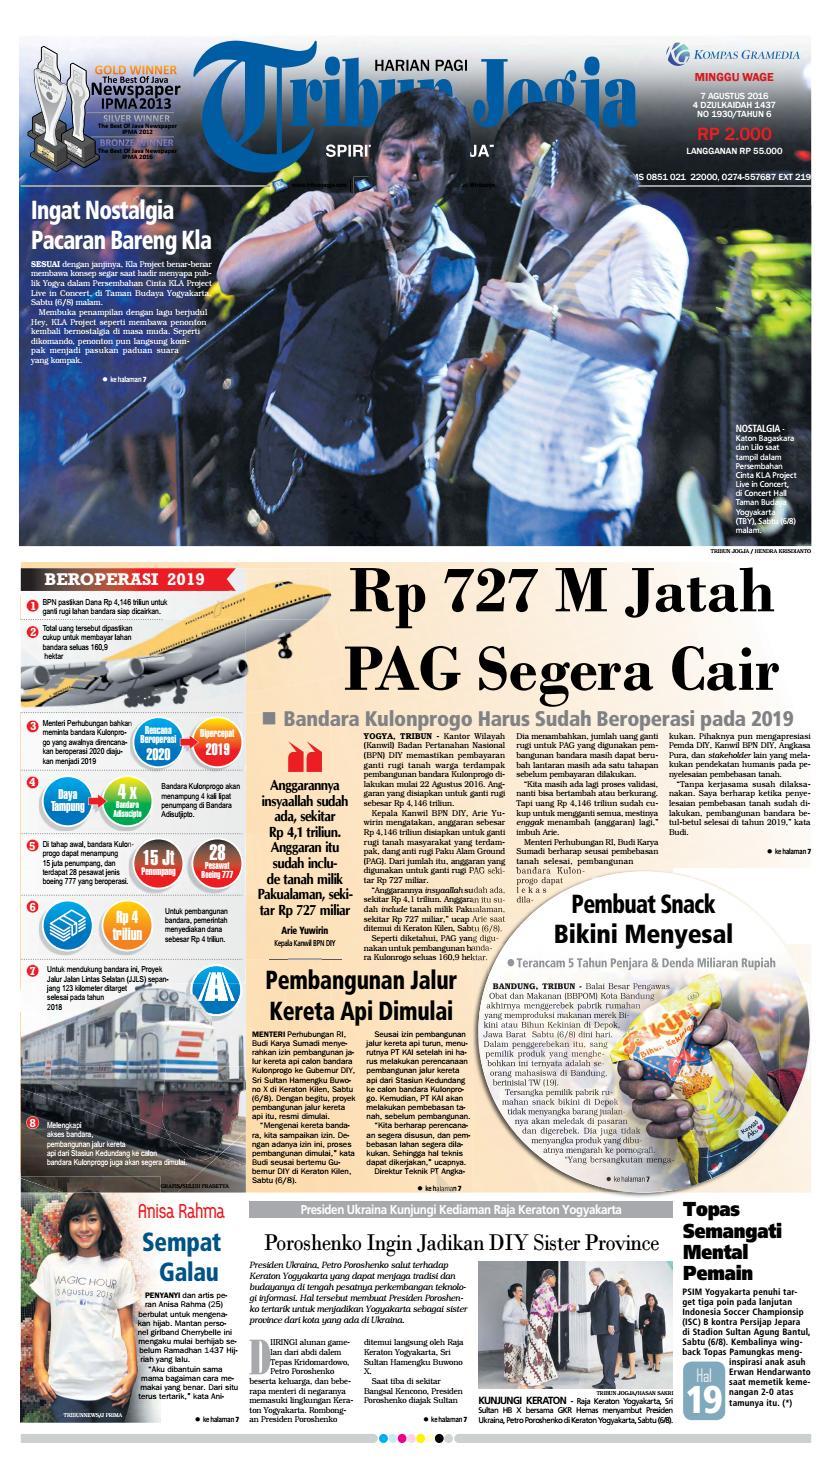 Tribunjogja 07 08 2016 By Tribun Jogja Issuu Produk Ukm Bumn Pusaka Coffee 15 Pcs Kopi Herbal Nusantara Free Ongkir Depok Ampamp Jakarta